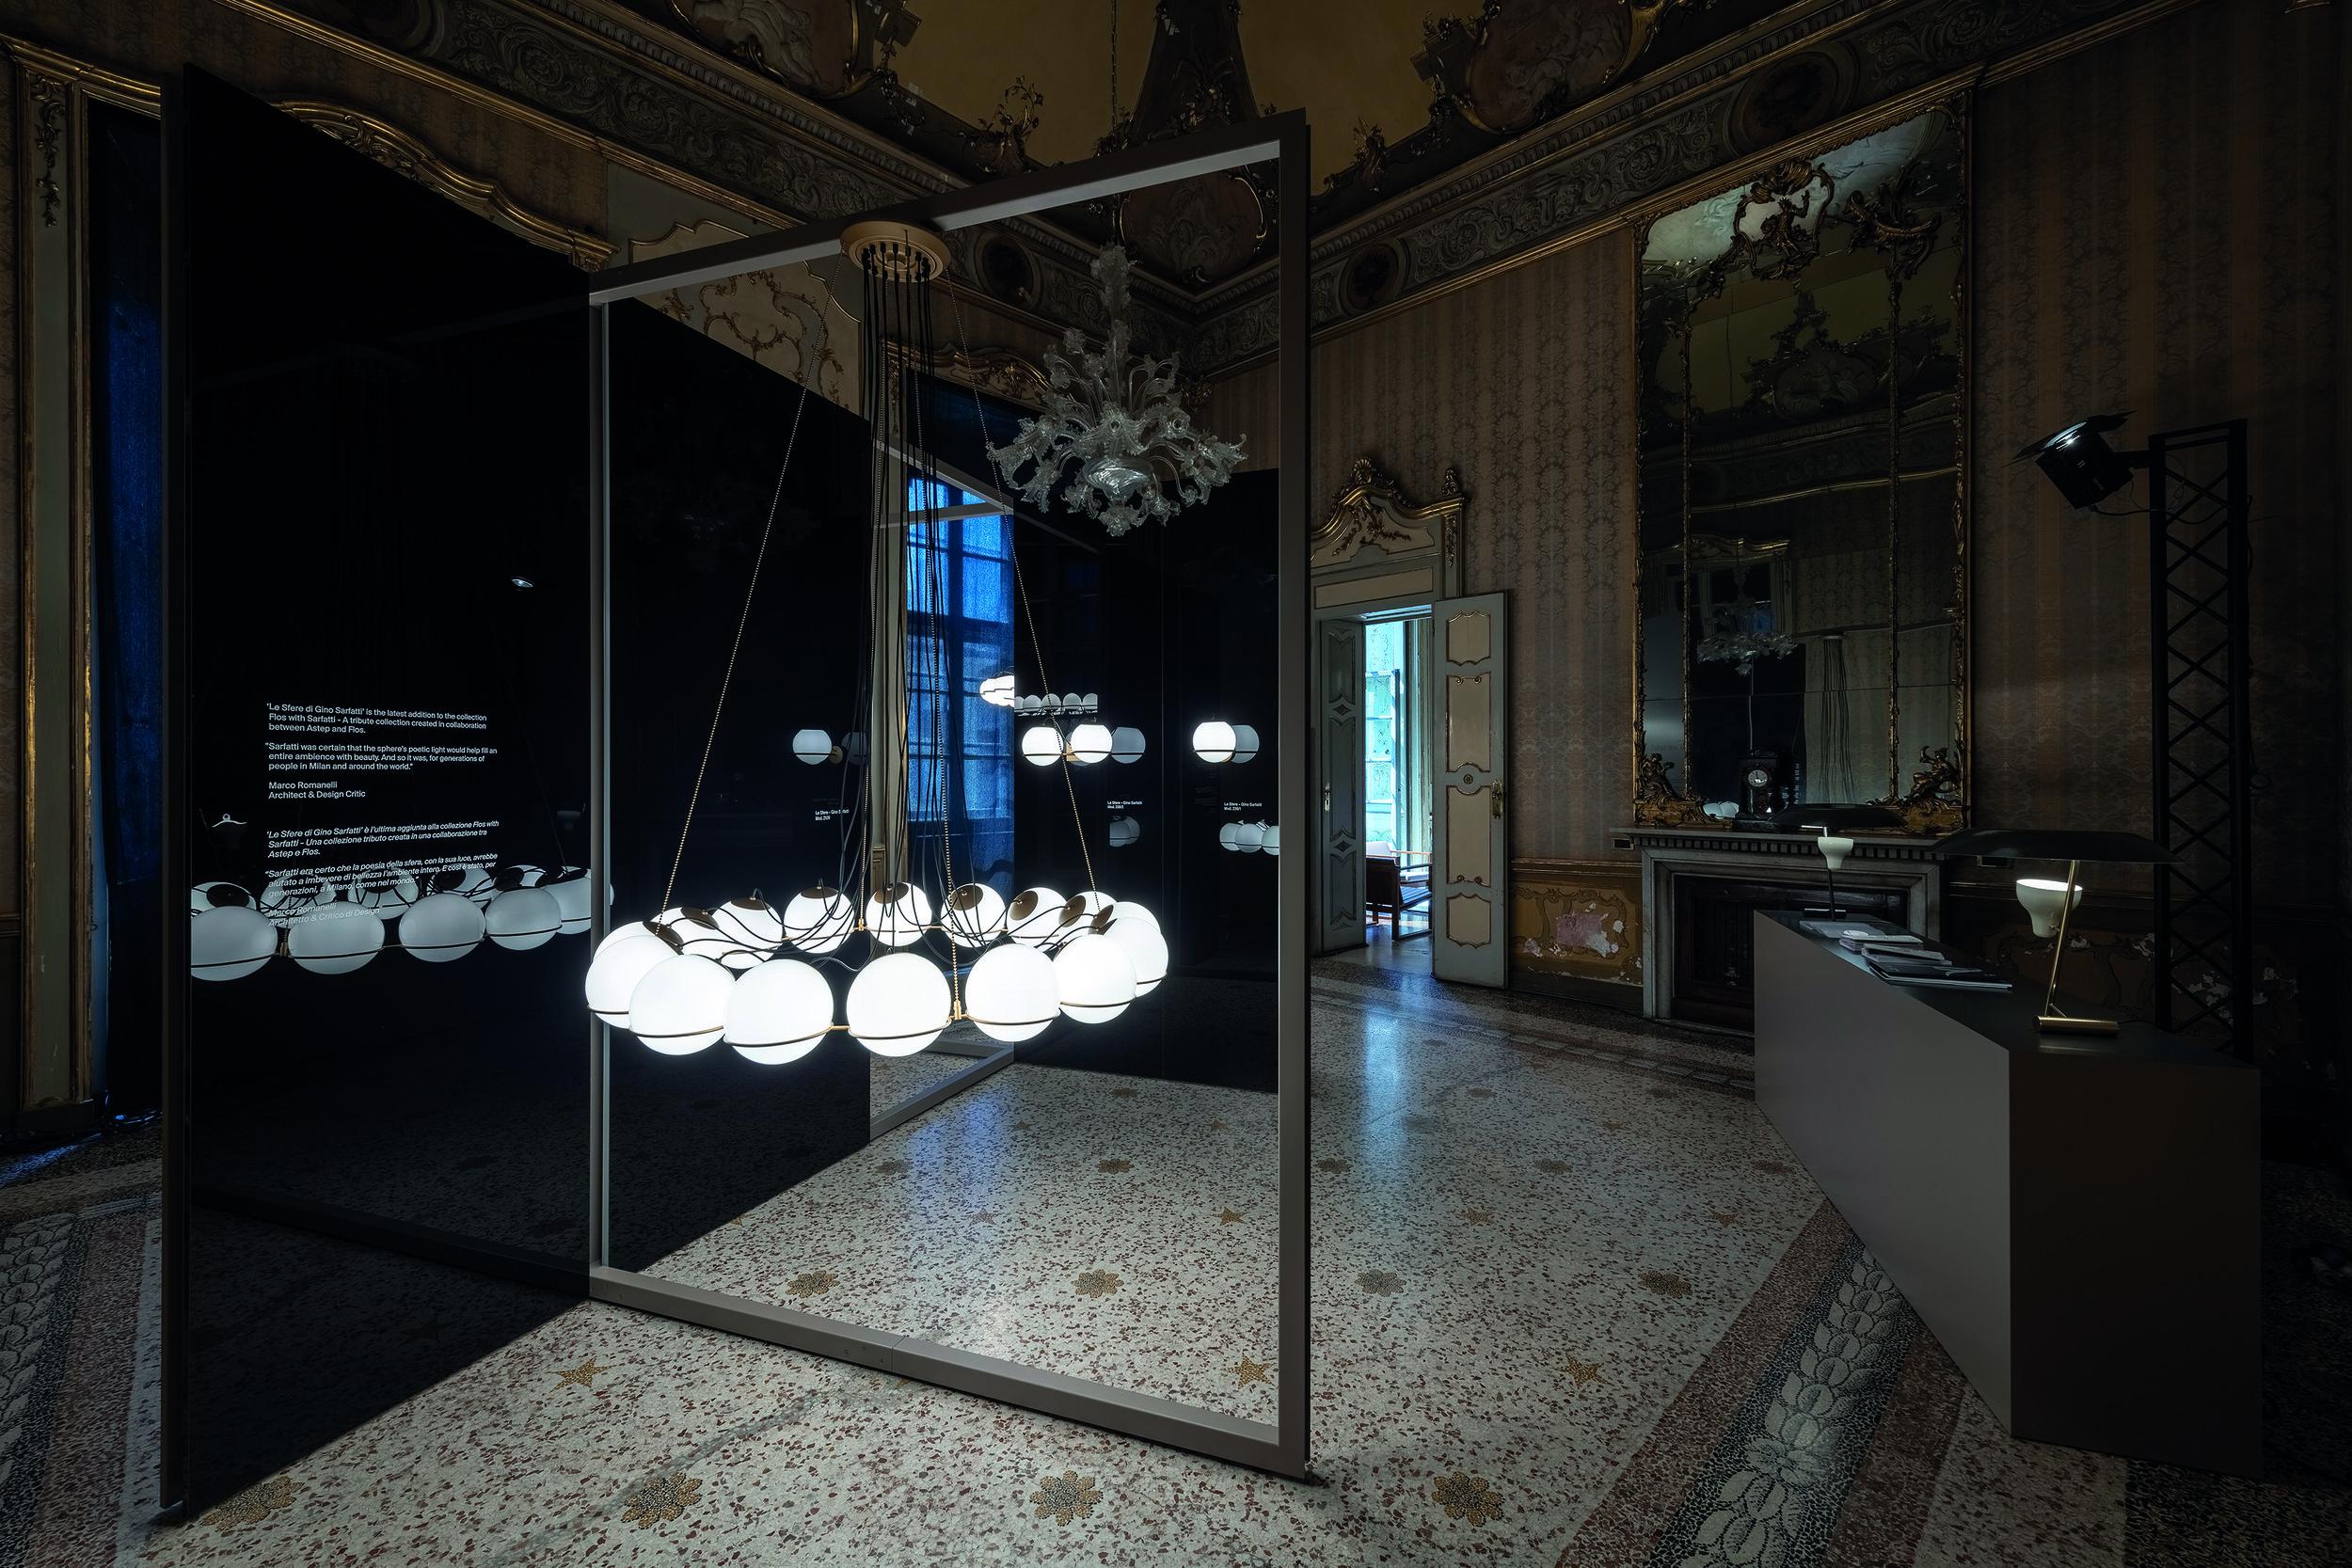 Le Sfere di Gino Sarfatti exhibition at Palazzo Litta 2018_5.jpg